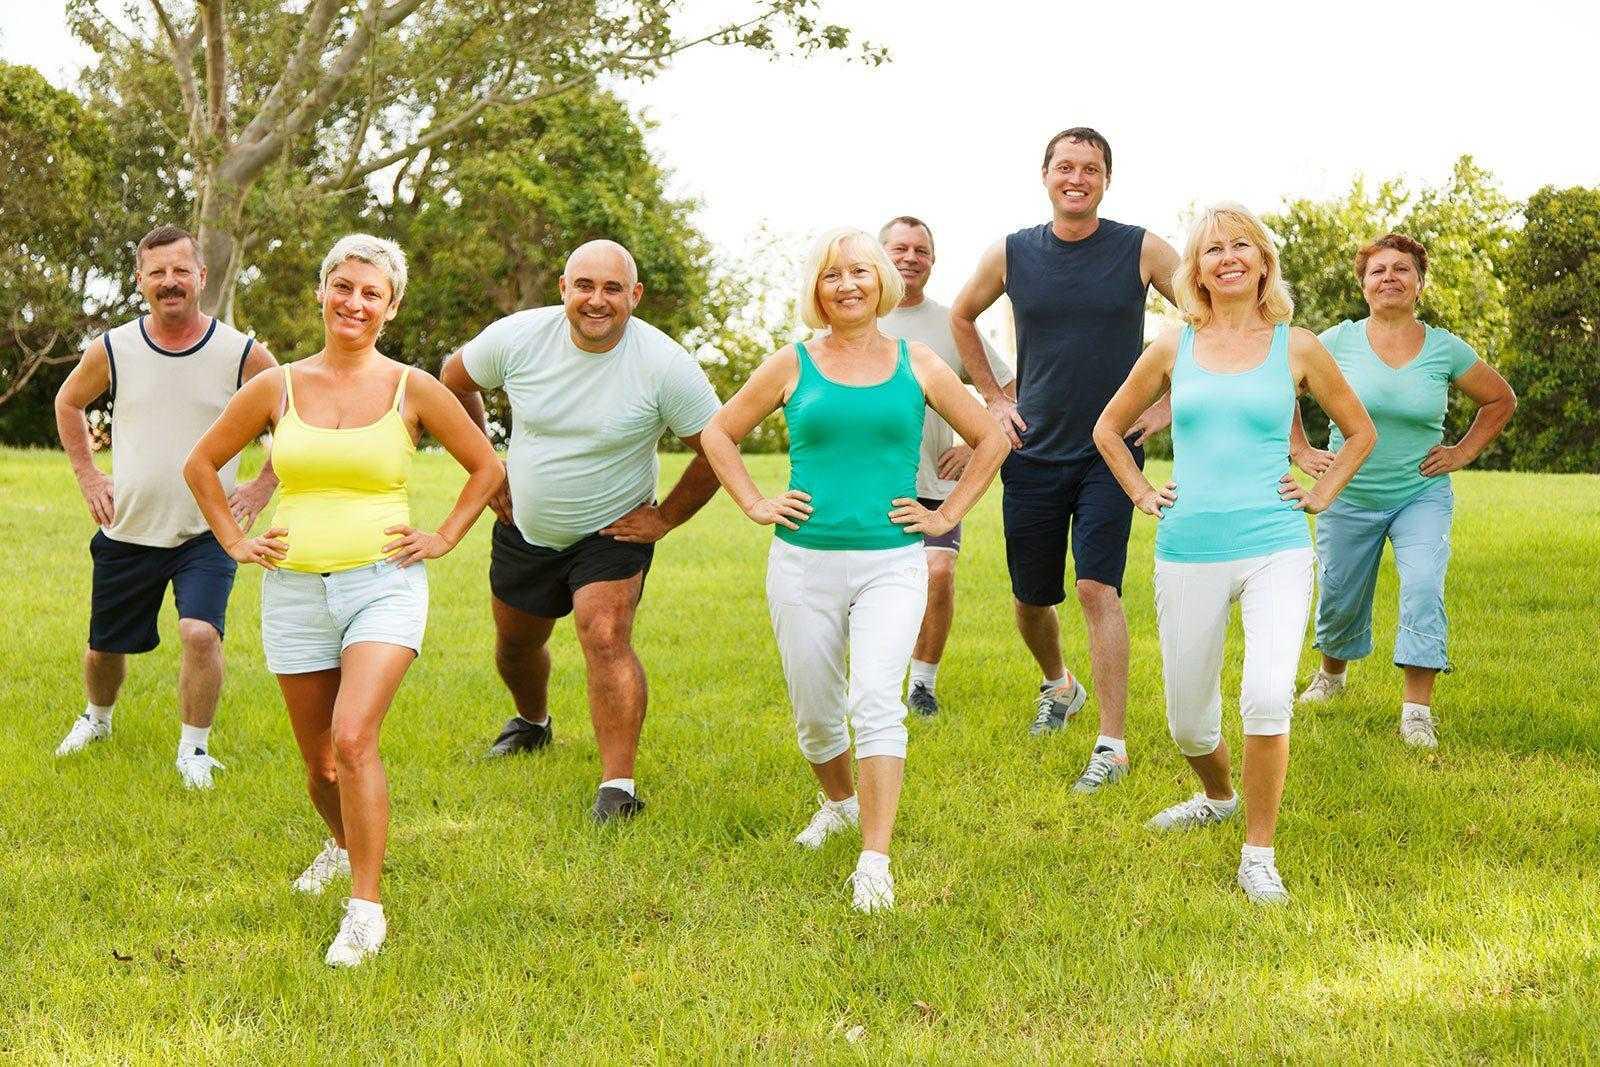 Как привести себя в форму? улучшаем физическую подготовку и укрепляем тело! - жизнь в москве - молнет.ru